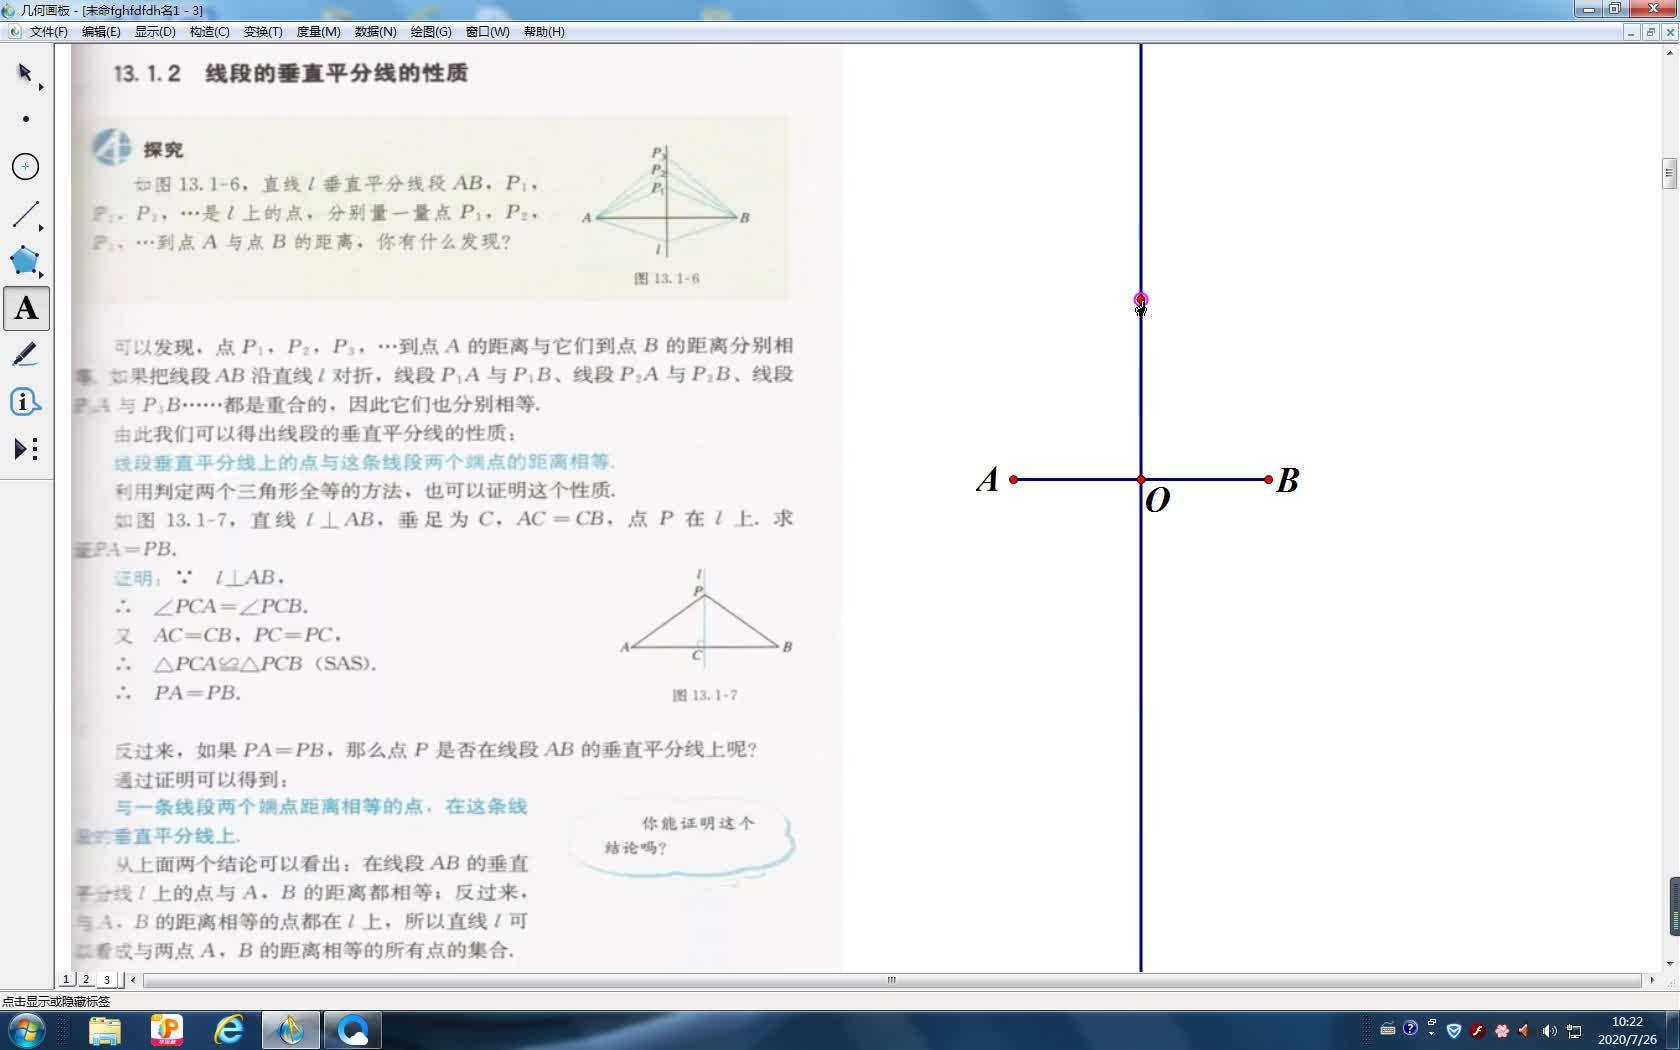 人教版 八年级上册  13.1.2线段的垂直平分线  微课视频